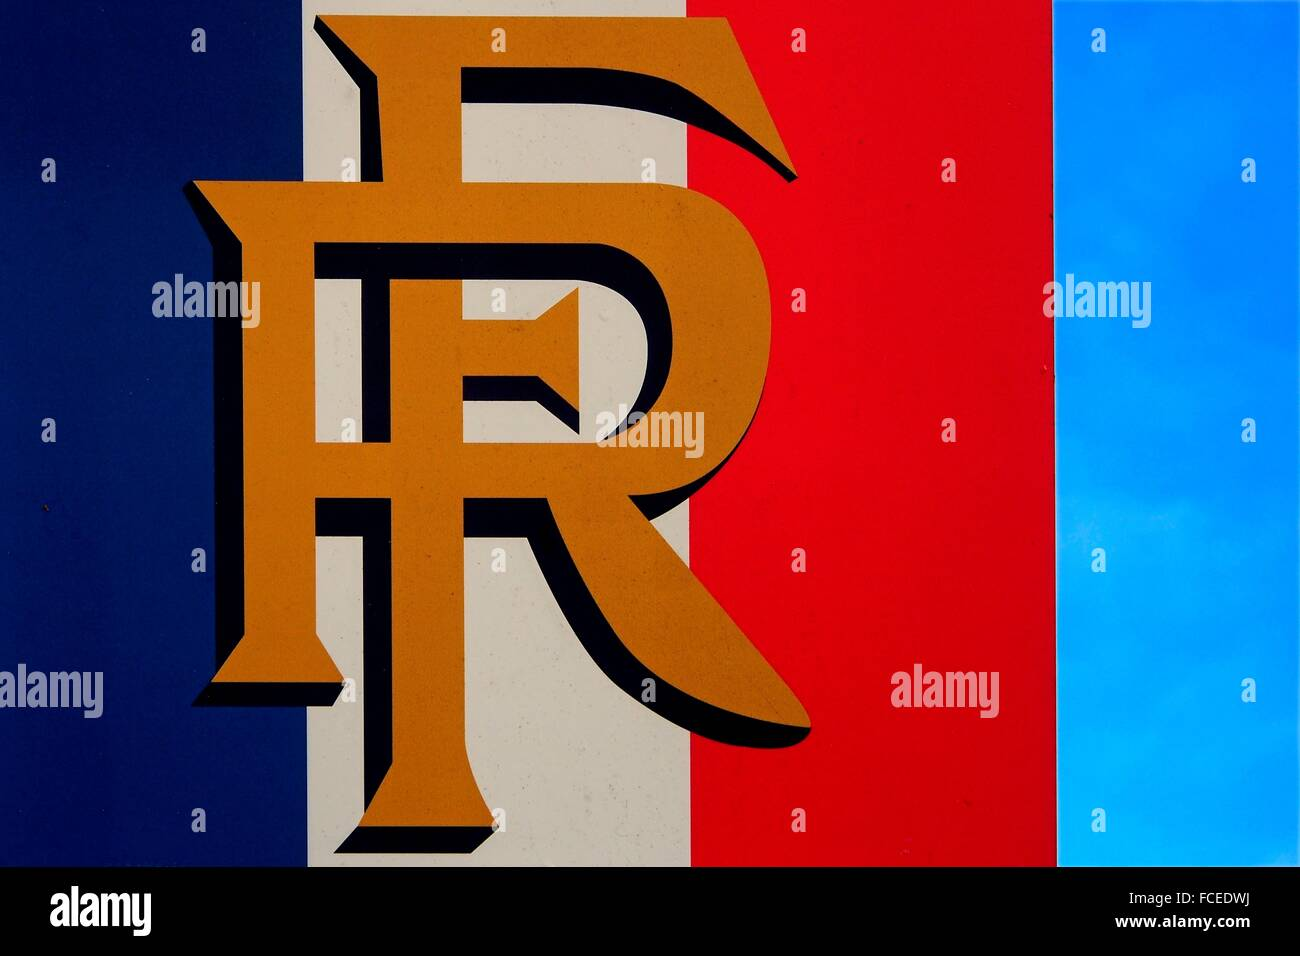 https www alamyimages fr photo image la france bleu blanc et rouge les 3 couleurs du drapeau francais et le logo rf republique francaise 93745950 html